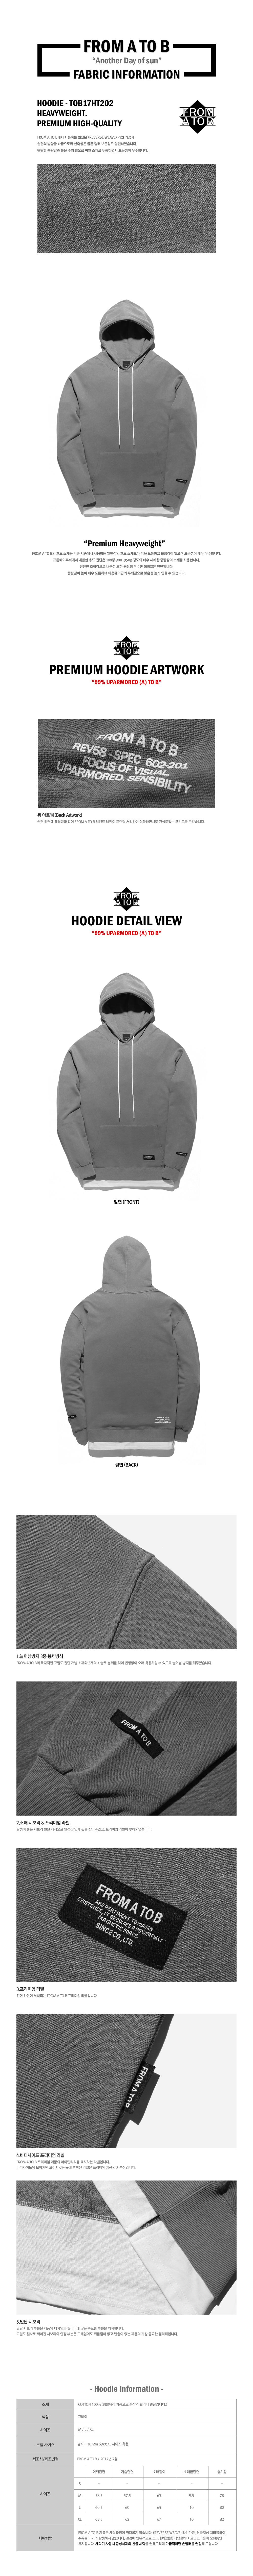 tob17ht202-gray-2.jpg